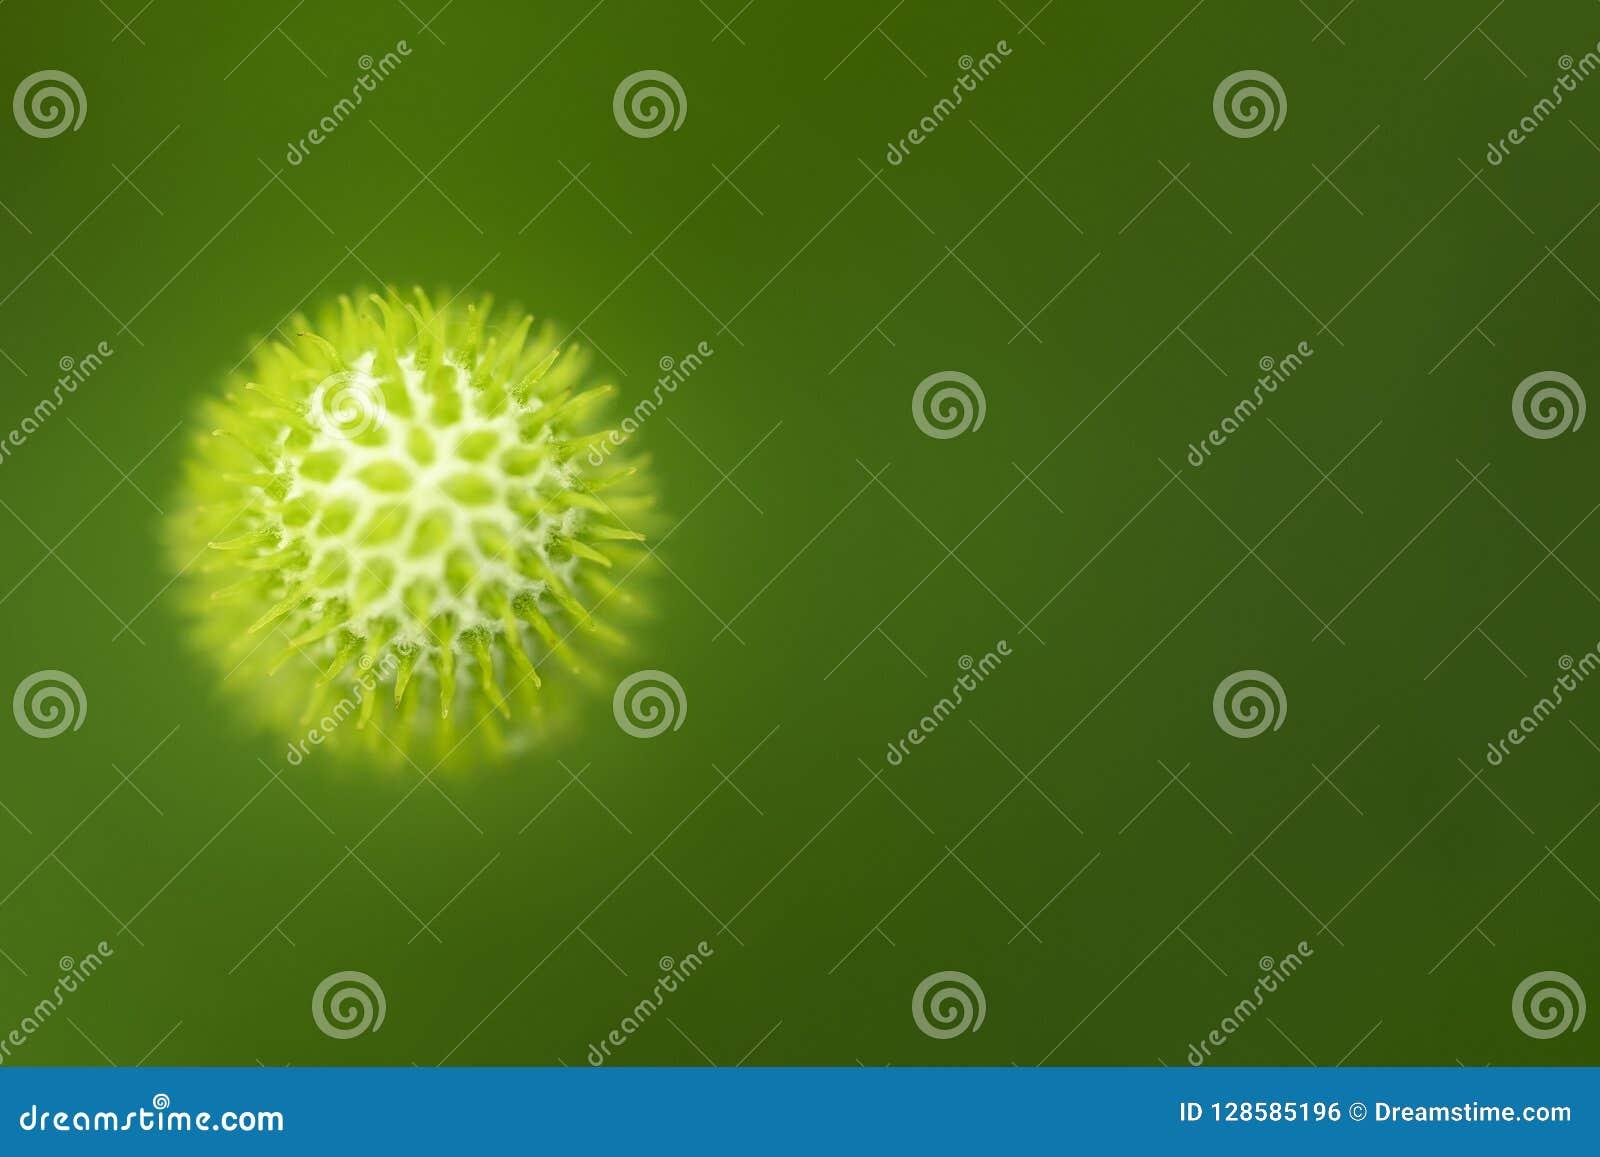 Virus Close-upbeeld van een organische cel op groene achtergrond